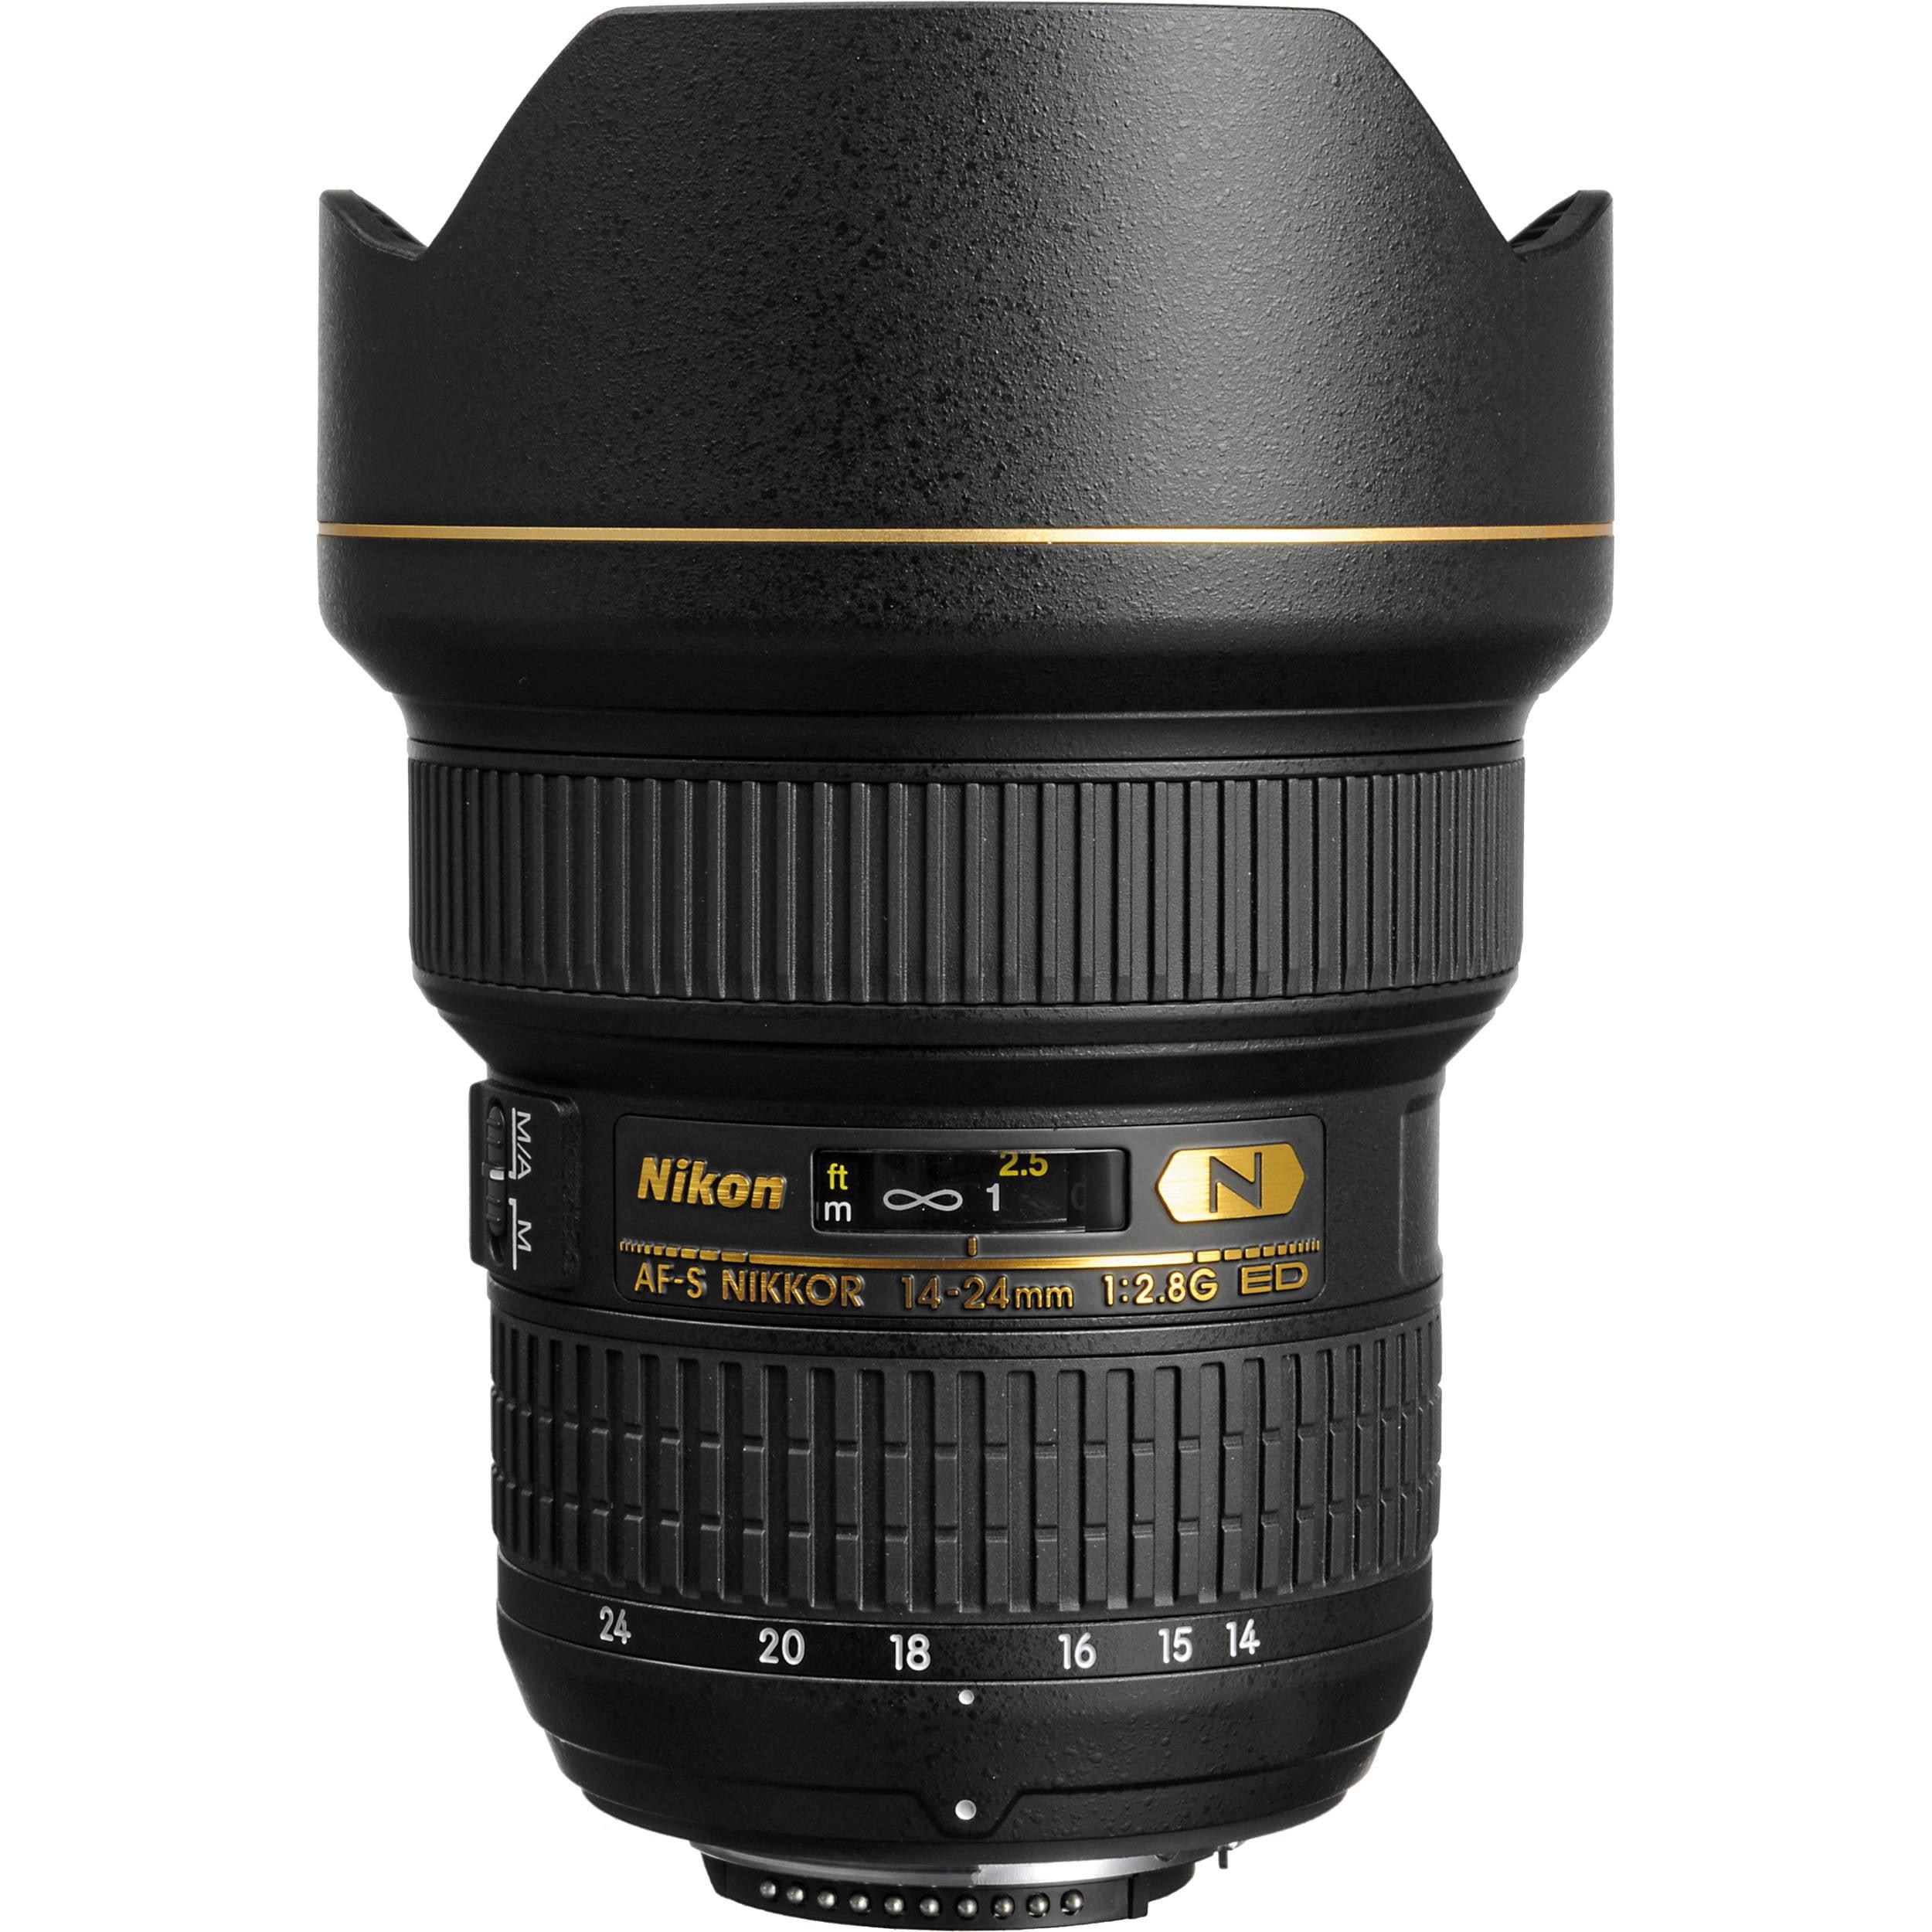 Nikon Nikkor AF-S 14-24mm f 2.8 G ED Zoom Lens (Black) Imported Version by Nikon